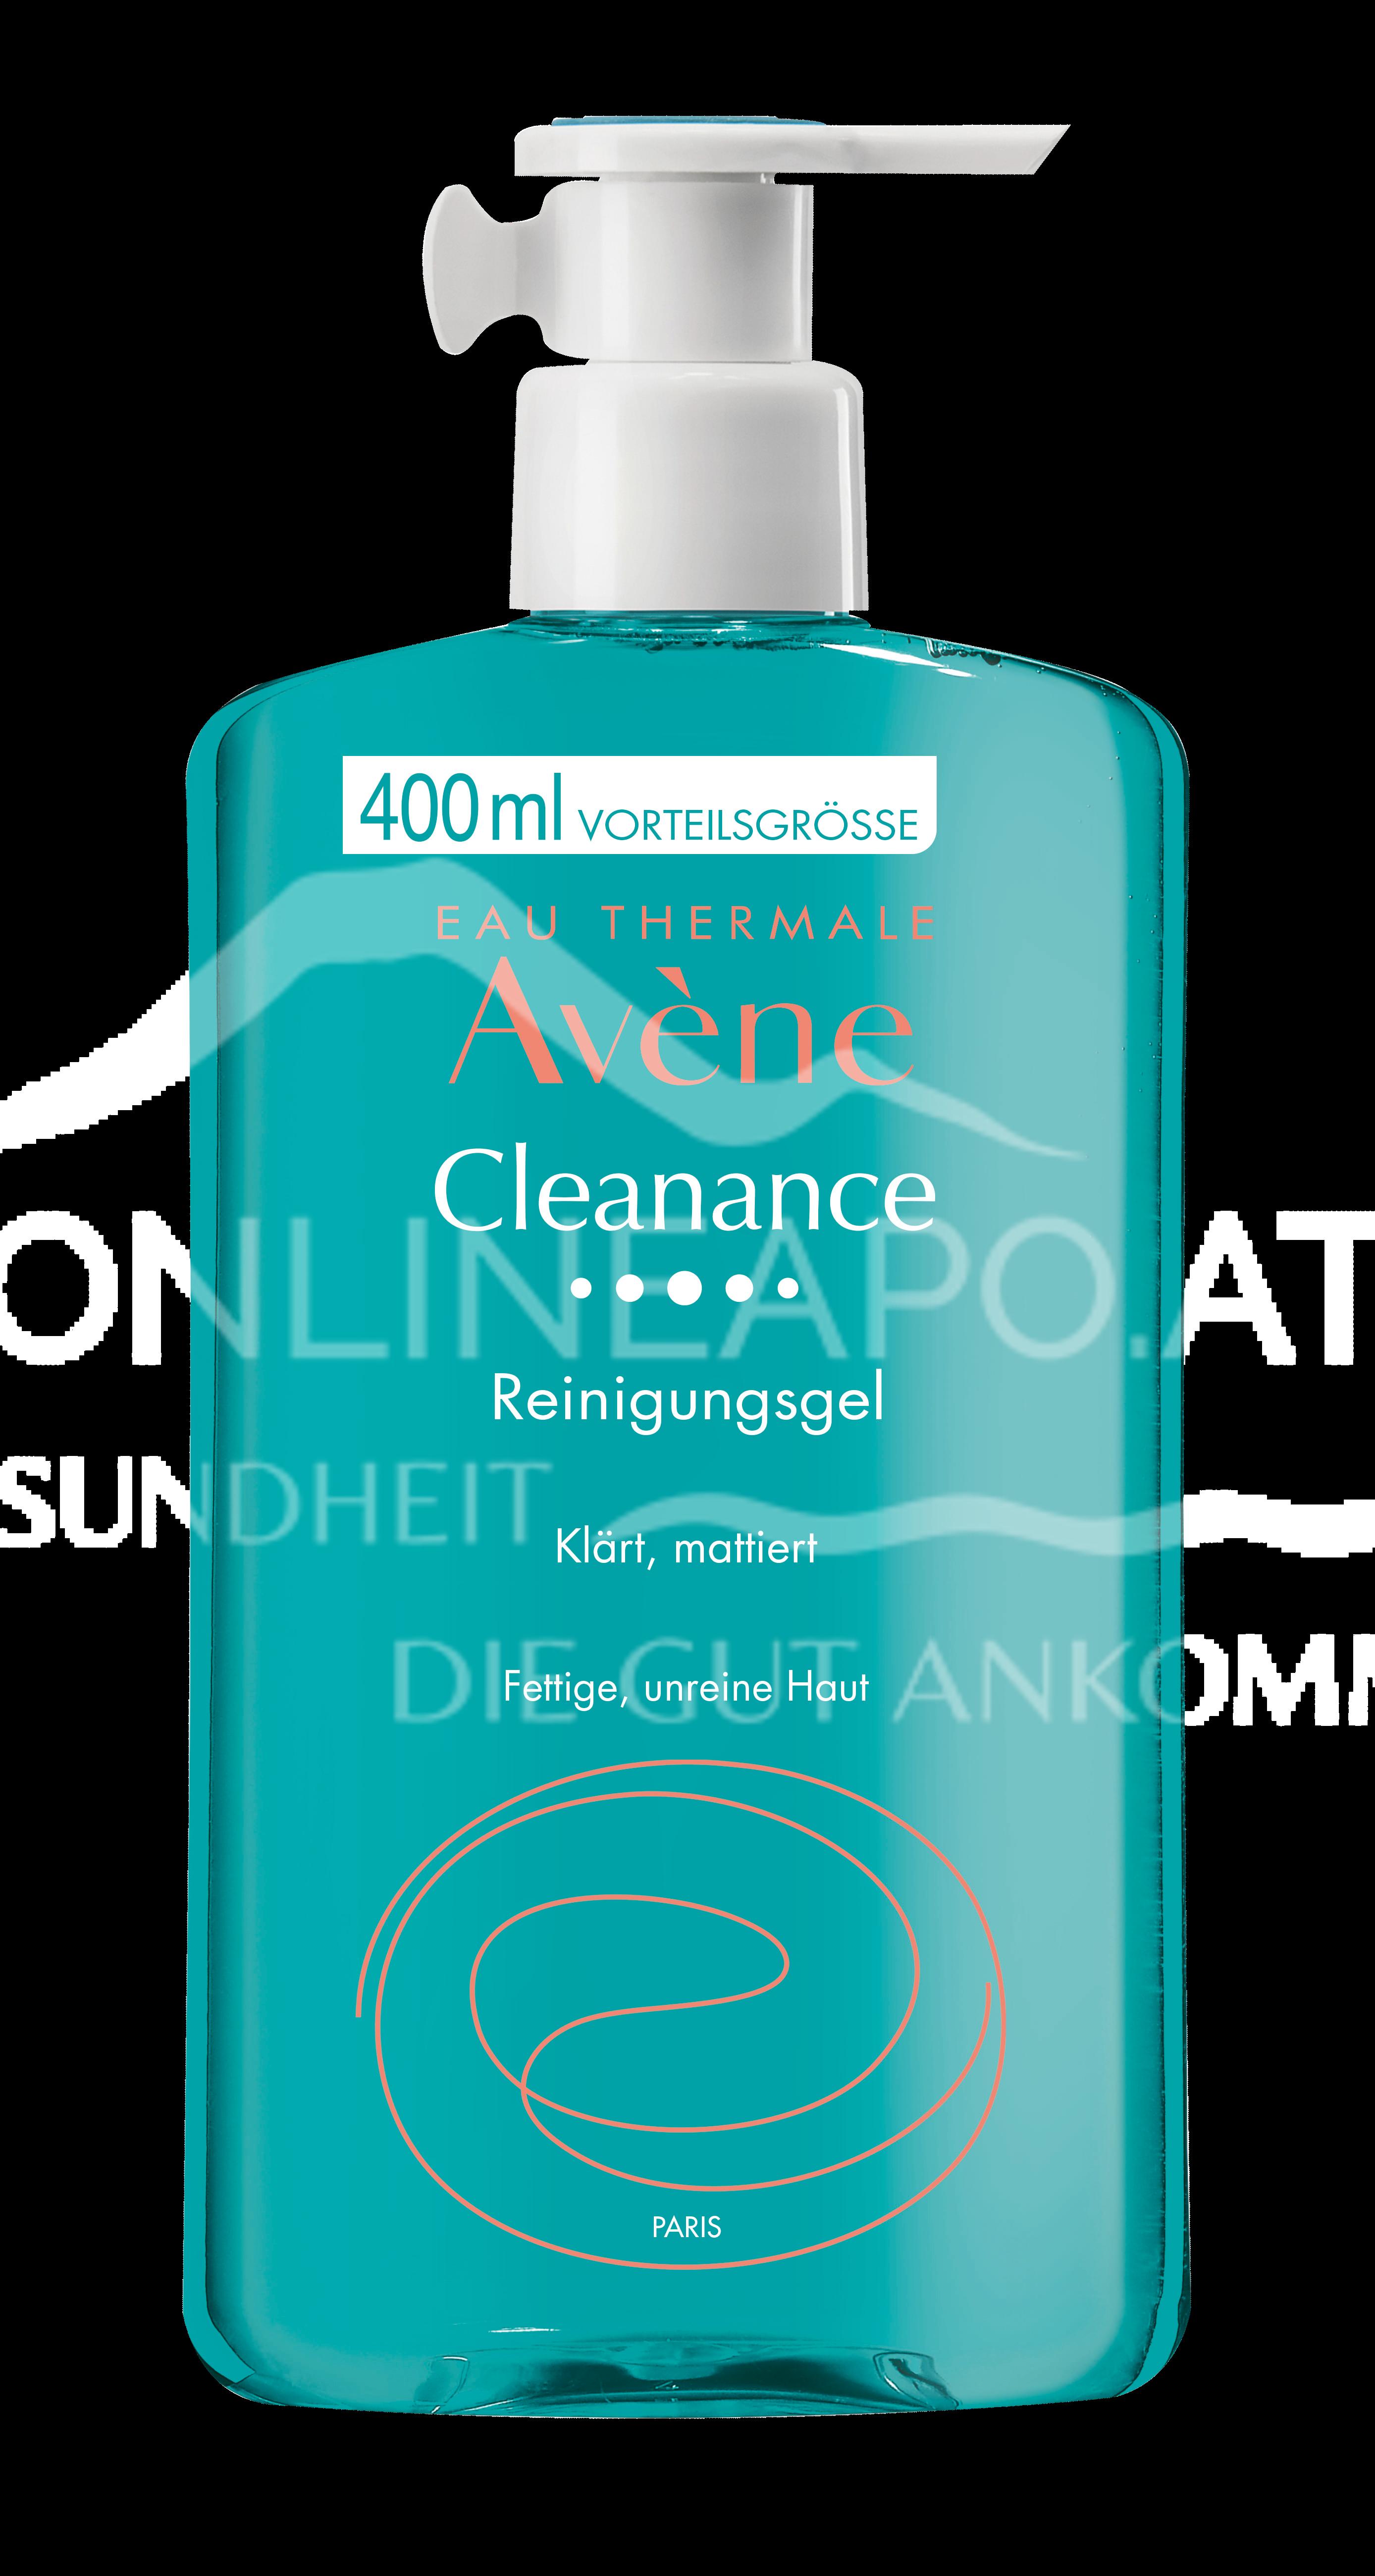 Avene Cleanance Reinigungsgel